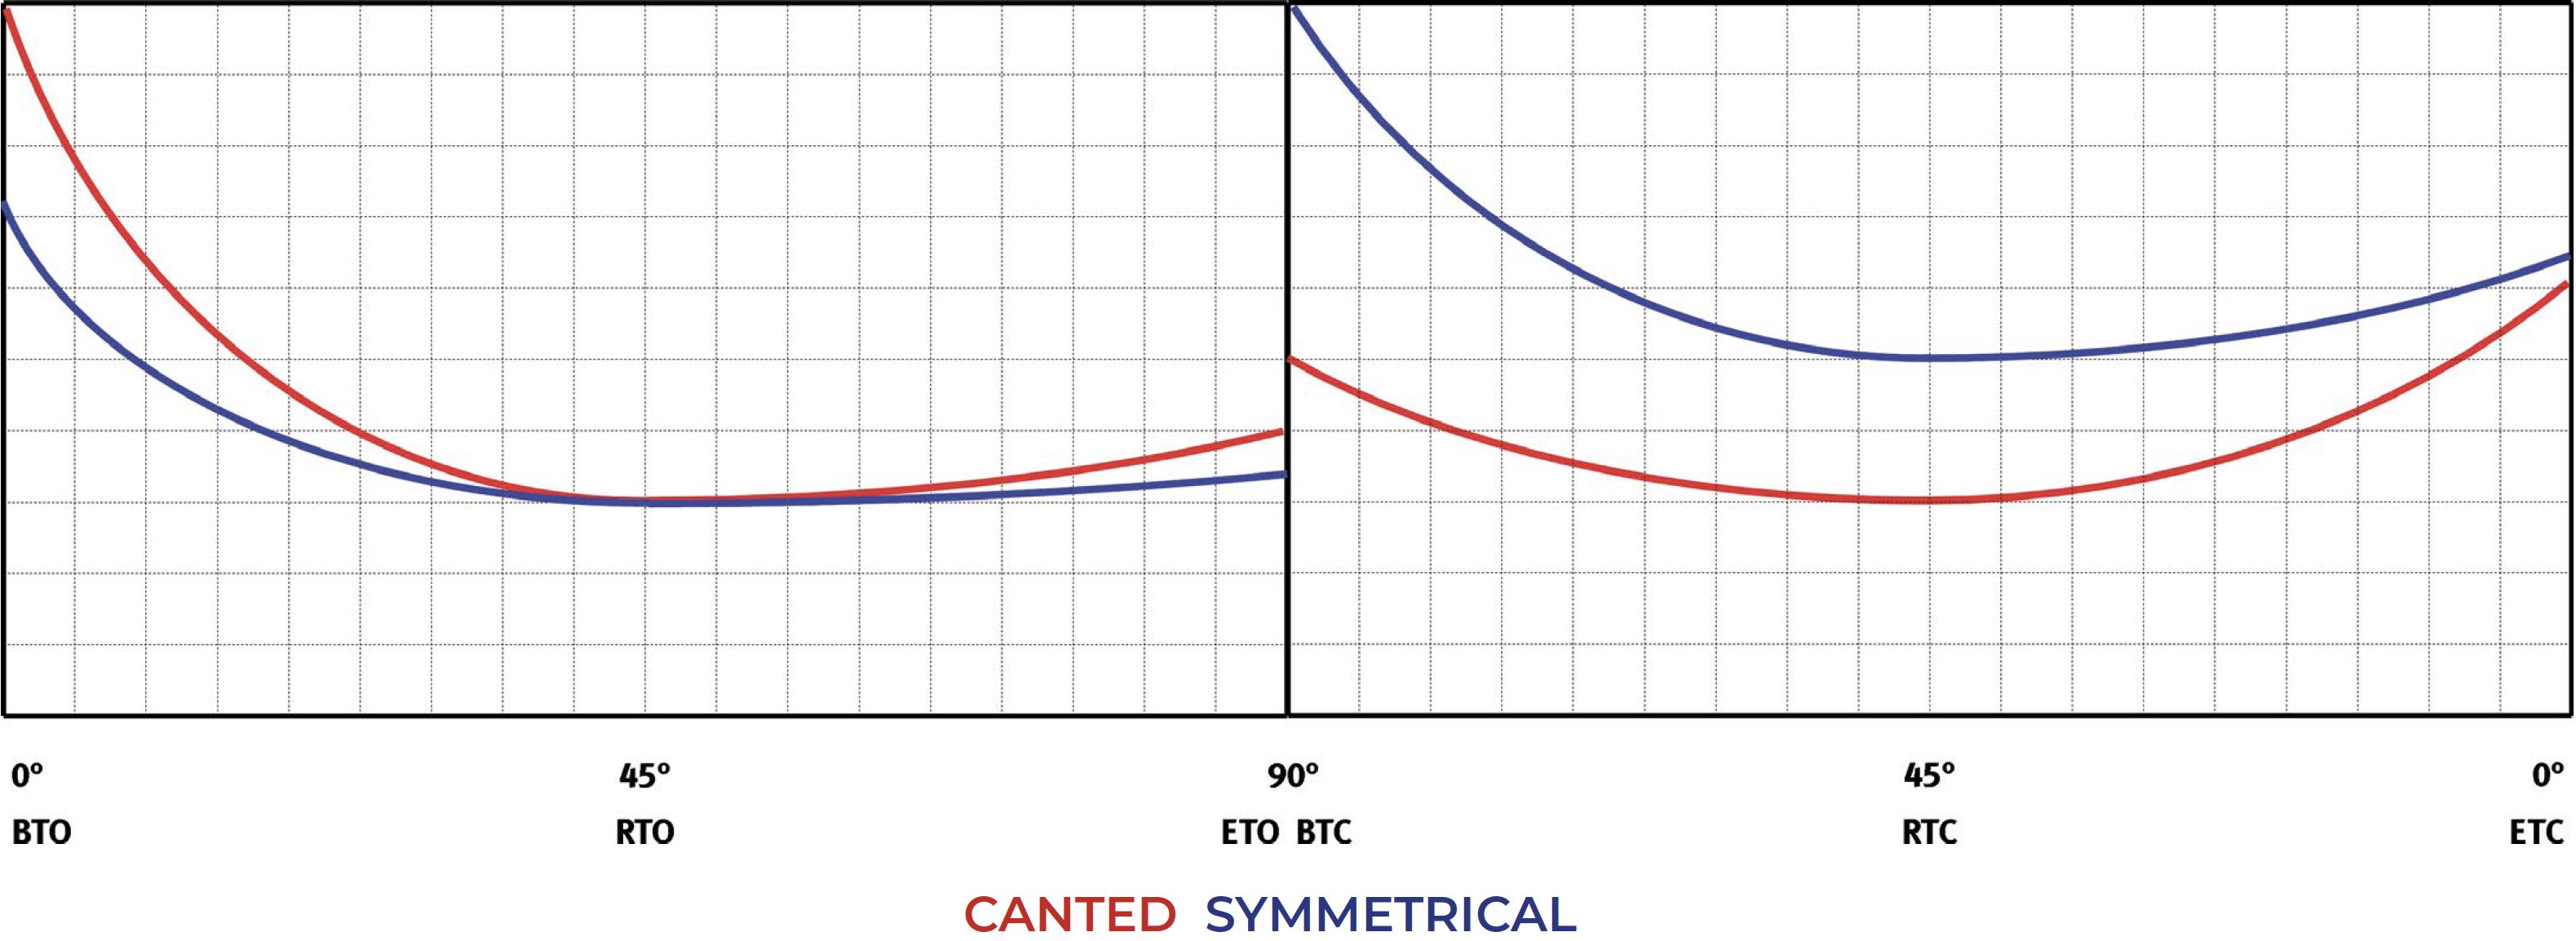 Actuador neumático efecto simple GS Heavy Duty de acero al carbono - diagramas y pares de aceleración - Simple Efecto Normalmente Cerrado – Tabla pares (momentos de torsión)